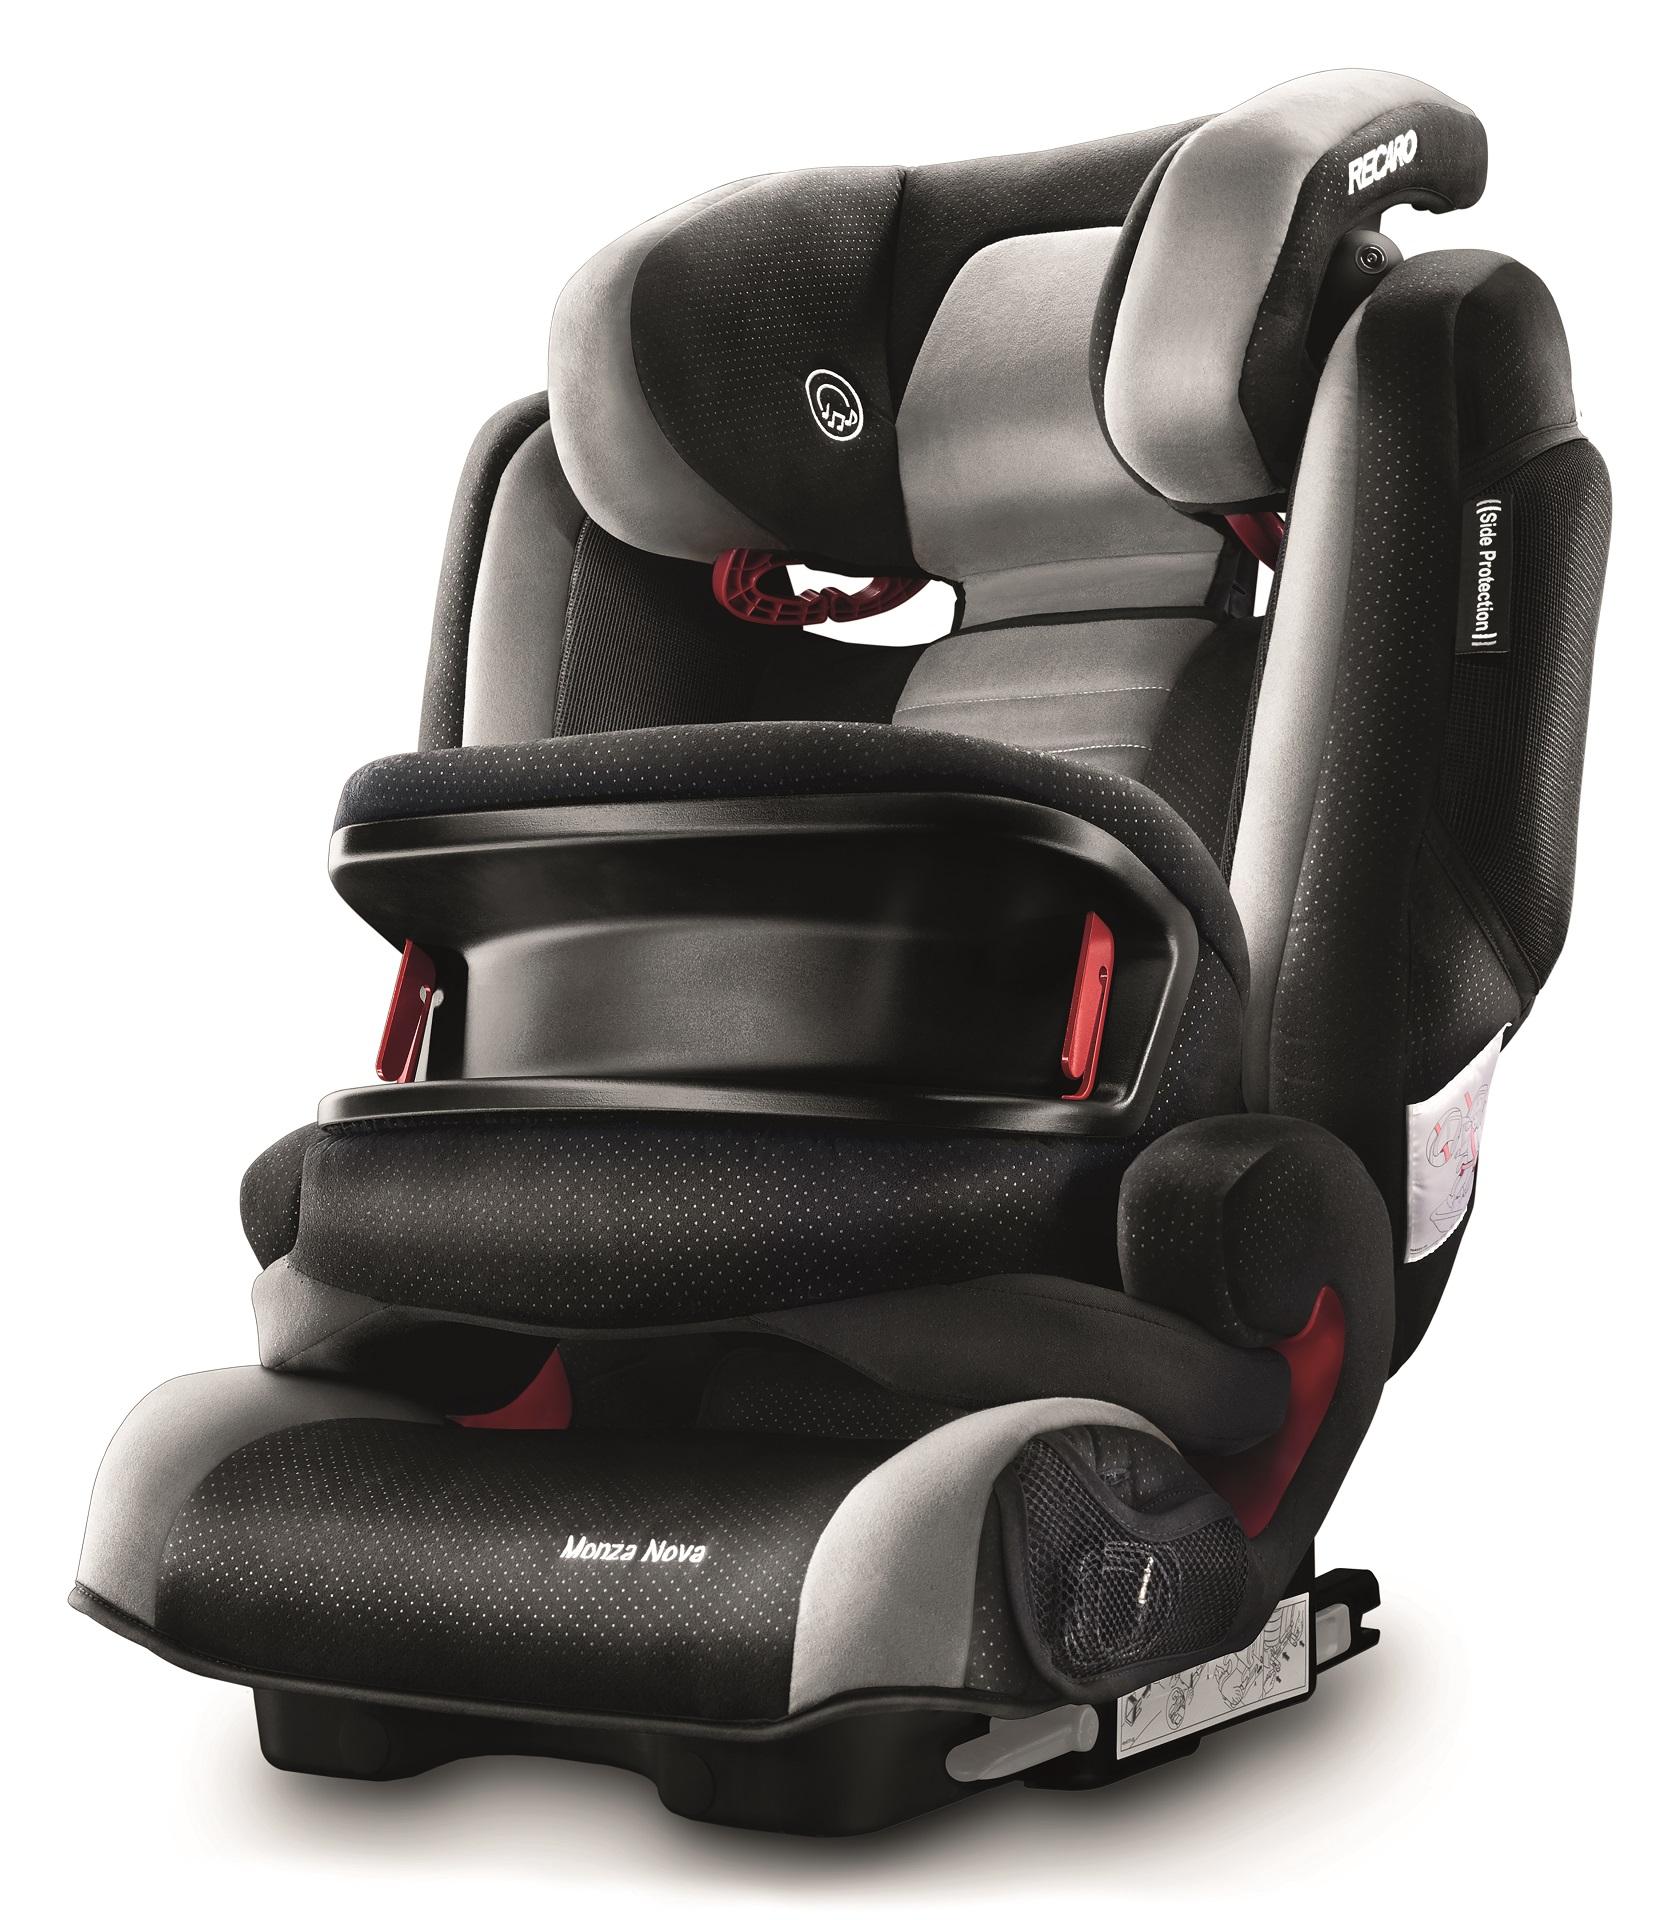 Recaro silla de coche monza nova is seatfix 2016 graphite - Recaro silla coche ...